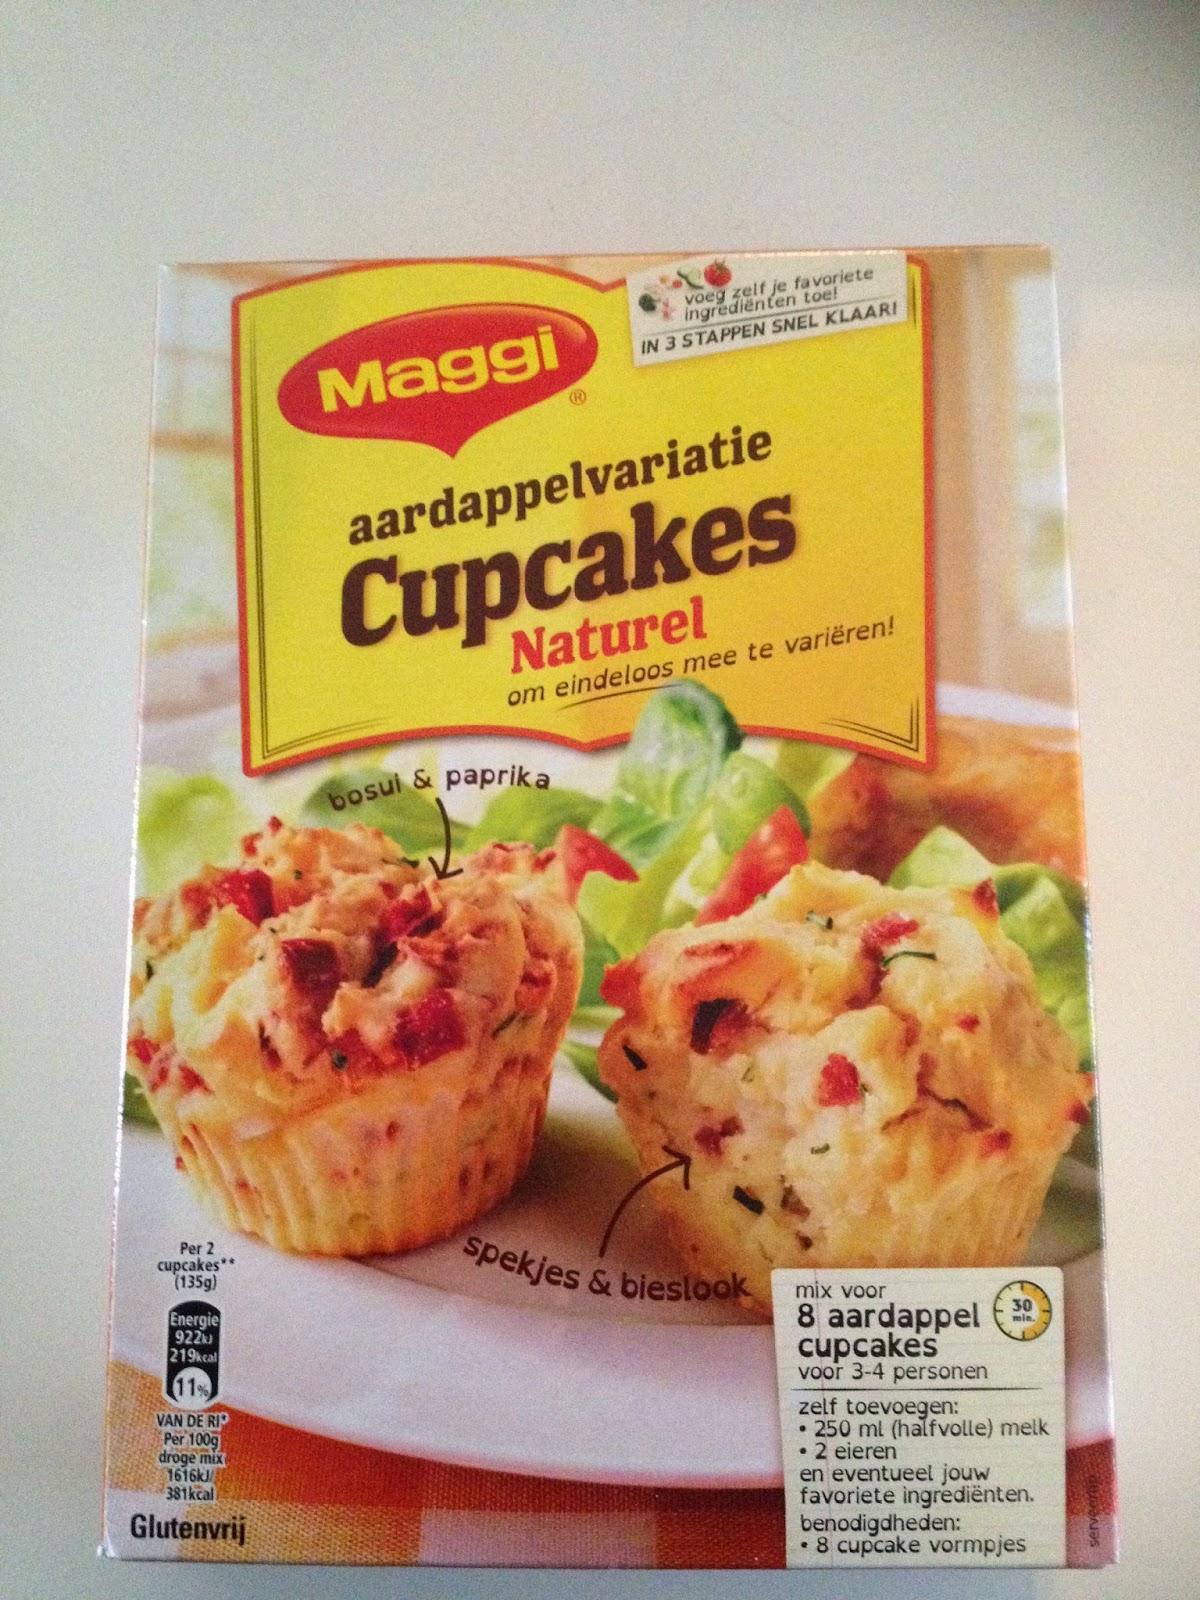 Maggi aardappelvariatie cupcakes